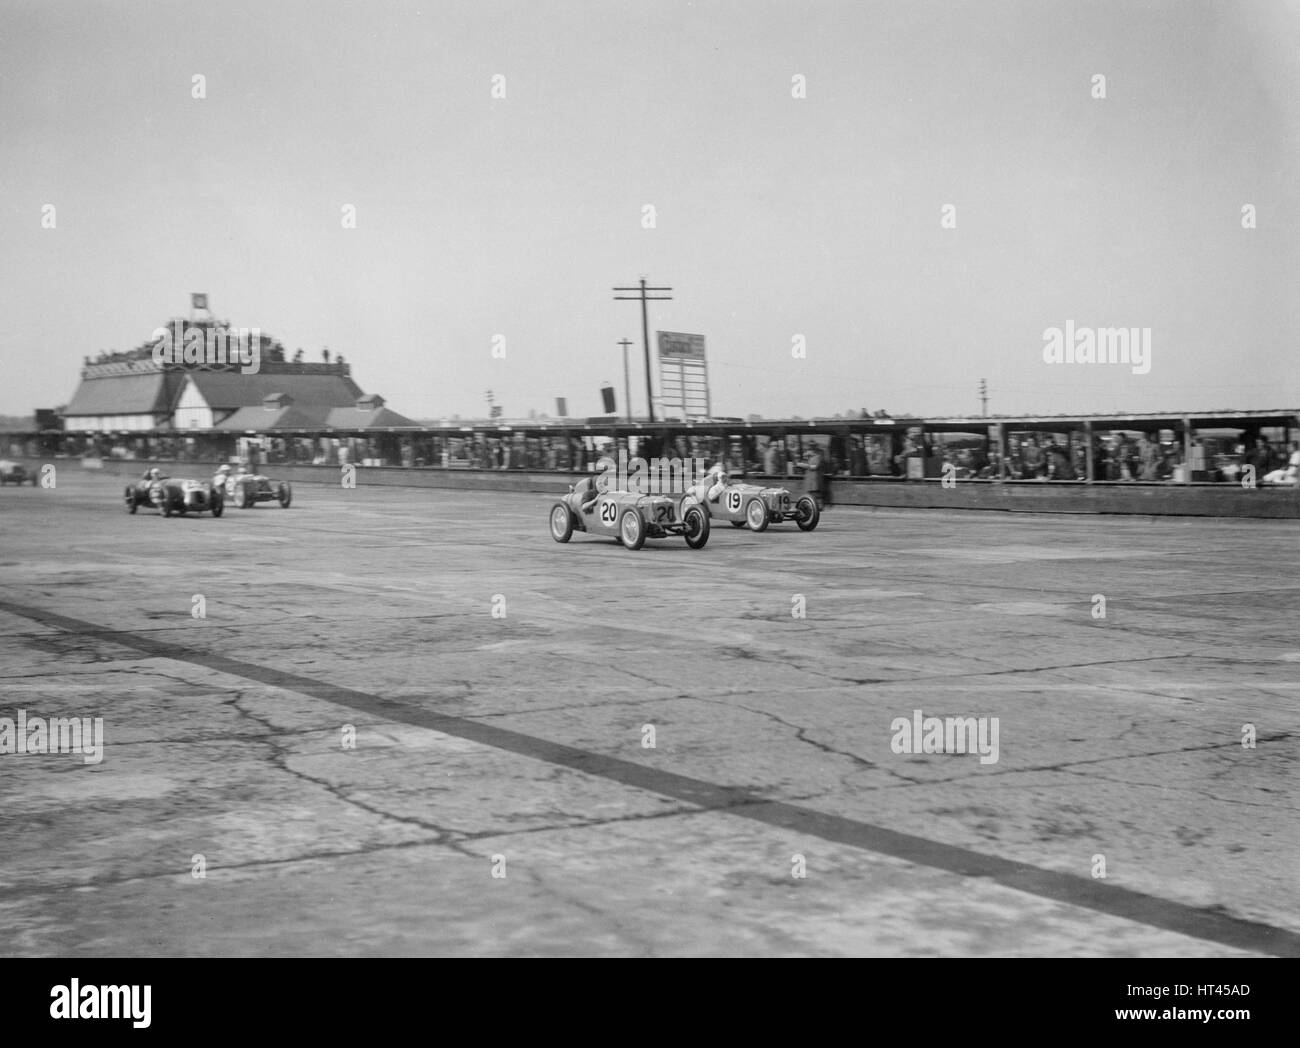 Rileys Cyril Whitcroft und AG Miller im Wettbewerb in der BRDC-500-Meilen-Rennen, Brooklands, 1931. Künstler: Stockbild